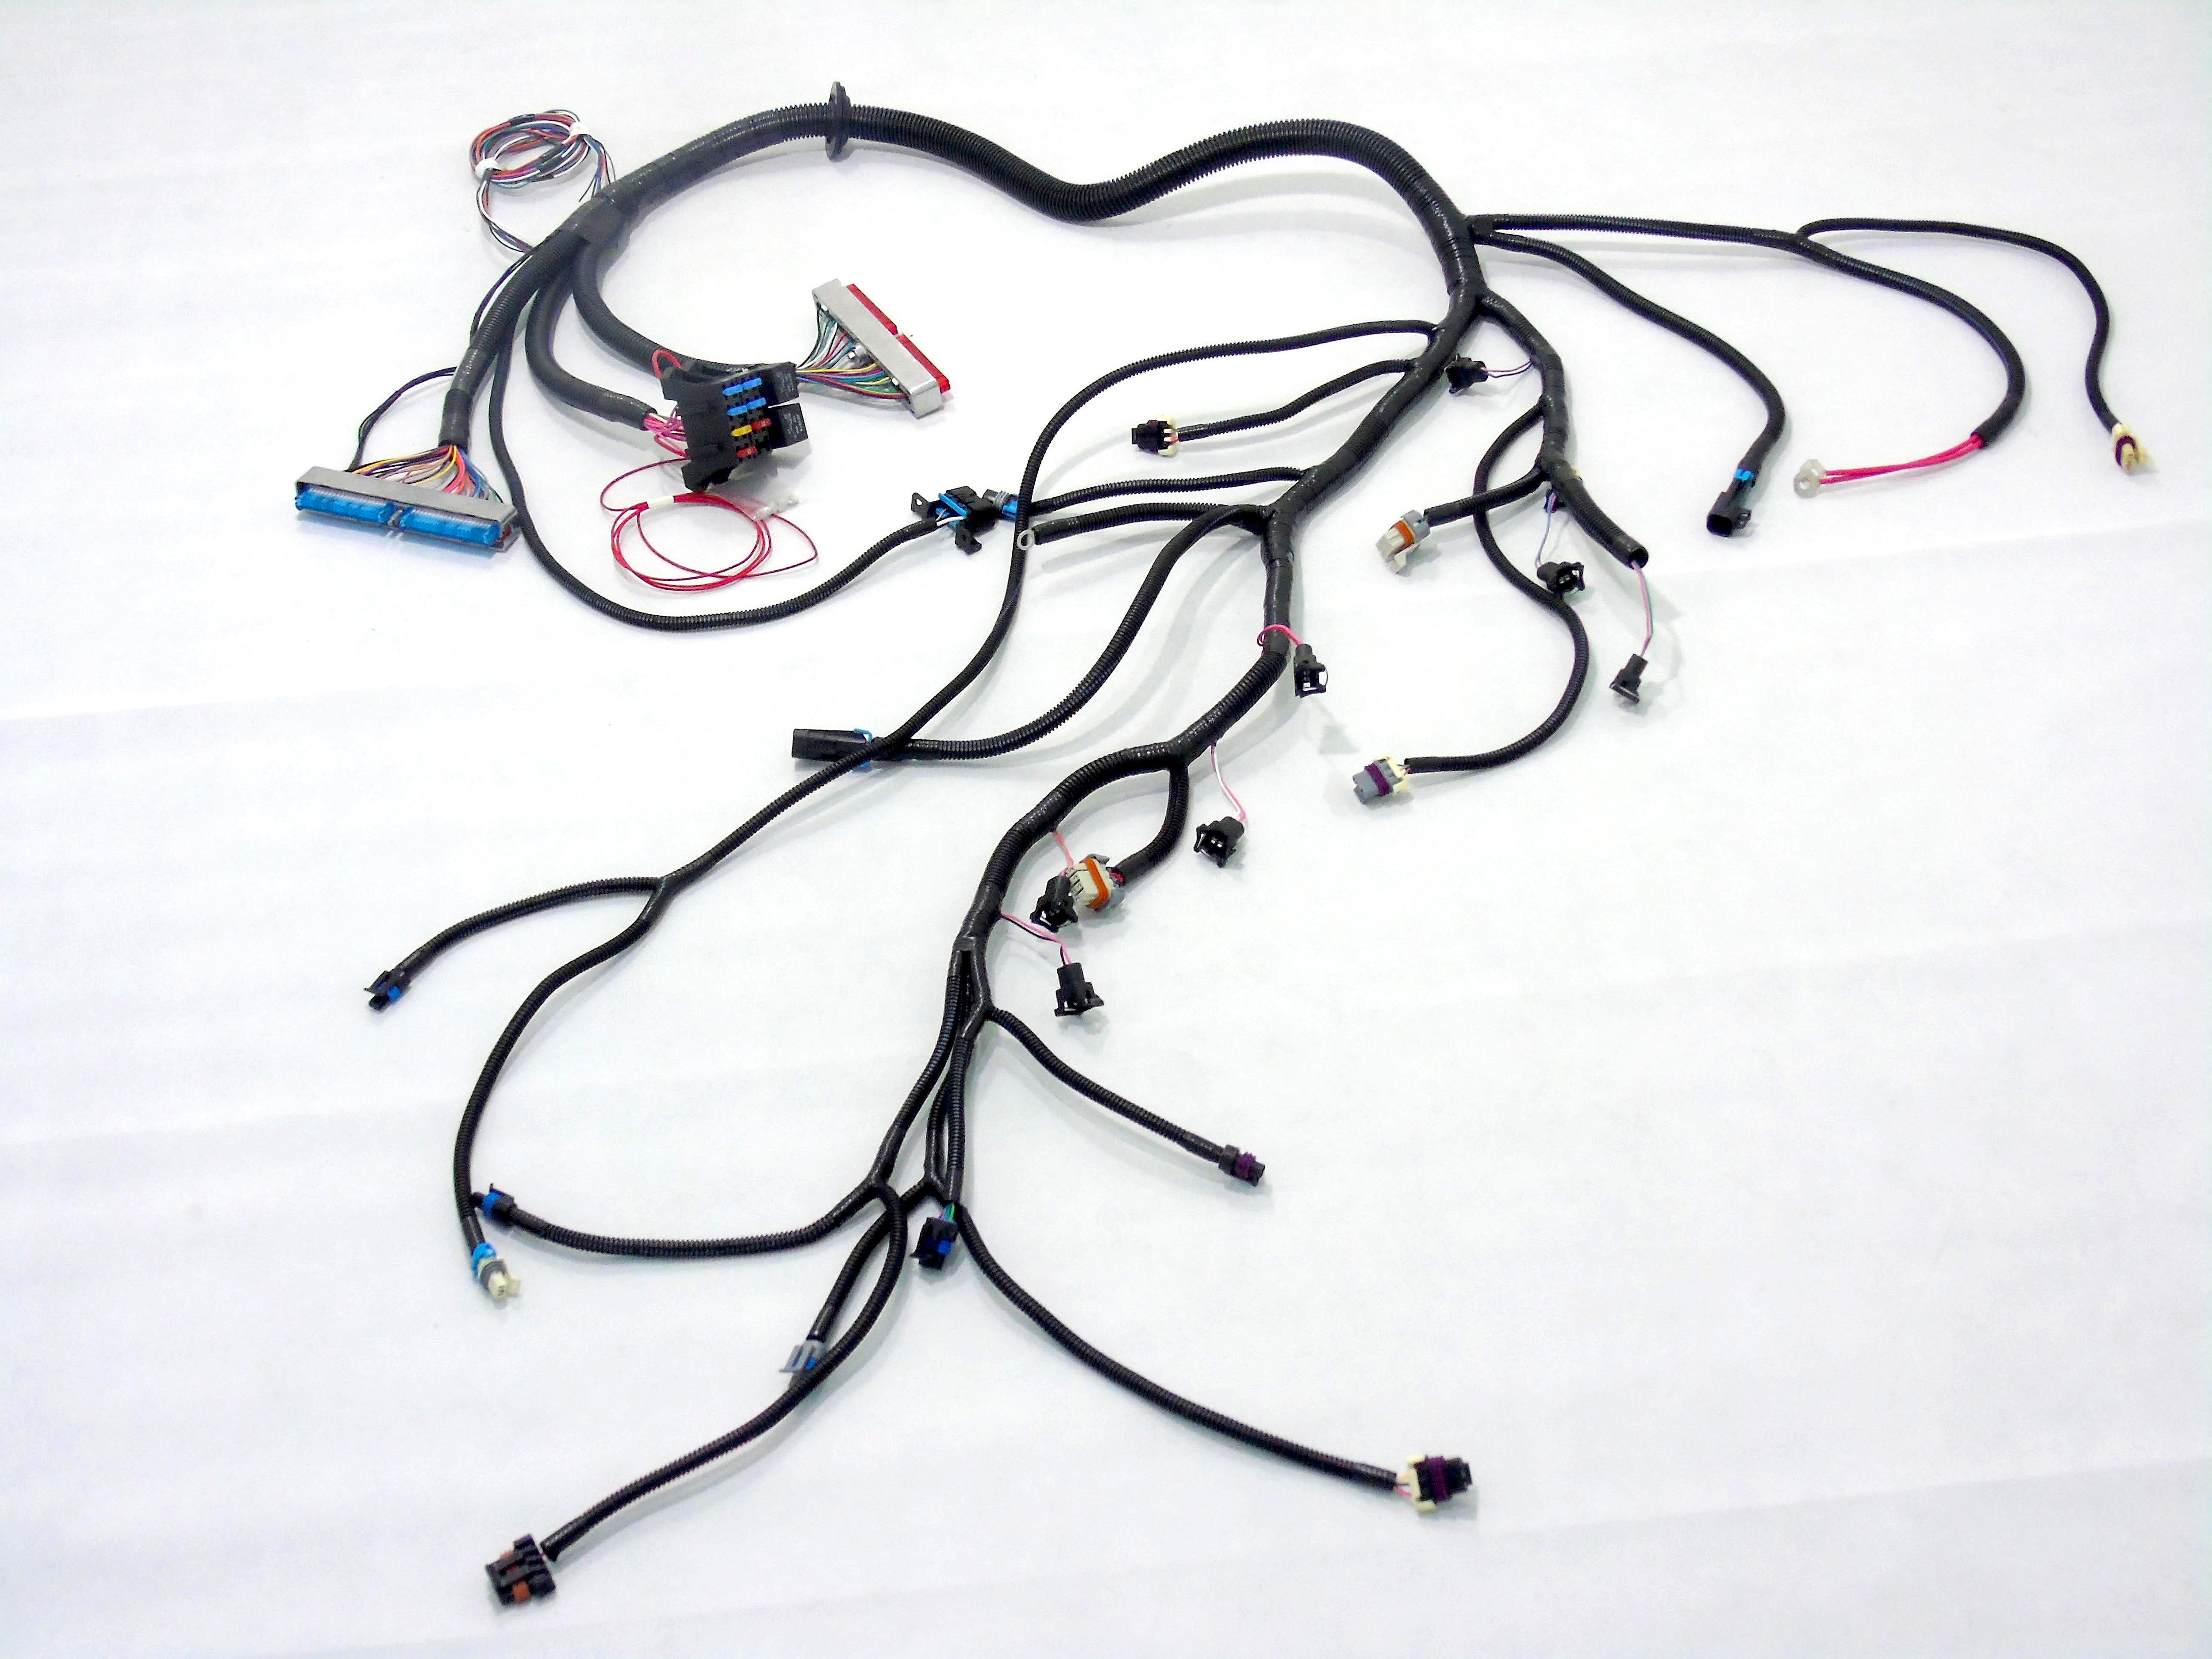 97 02 ls1 w t56 standalone wiring harness dbc lab rats 97 02 ls1 w t56 standalone wiring harness dbc